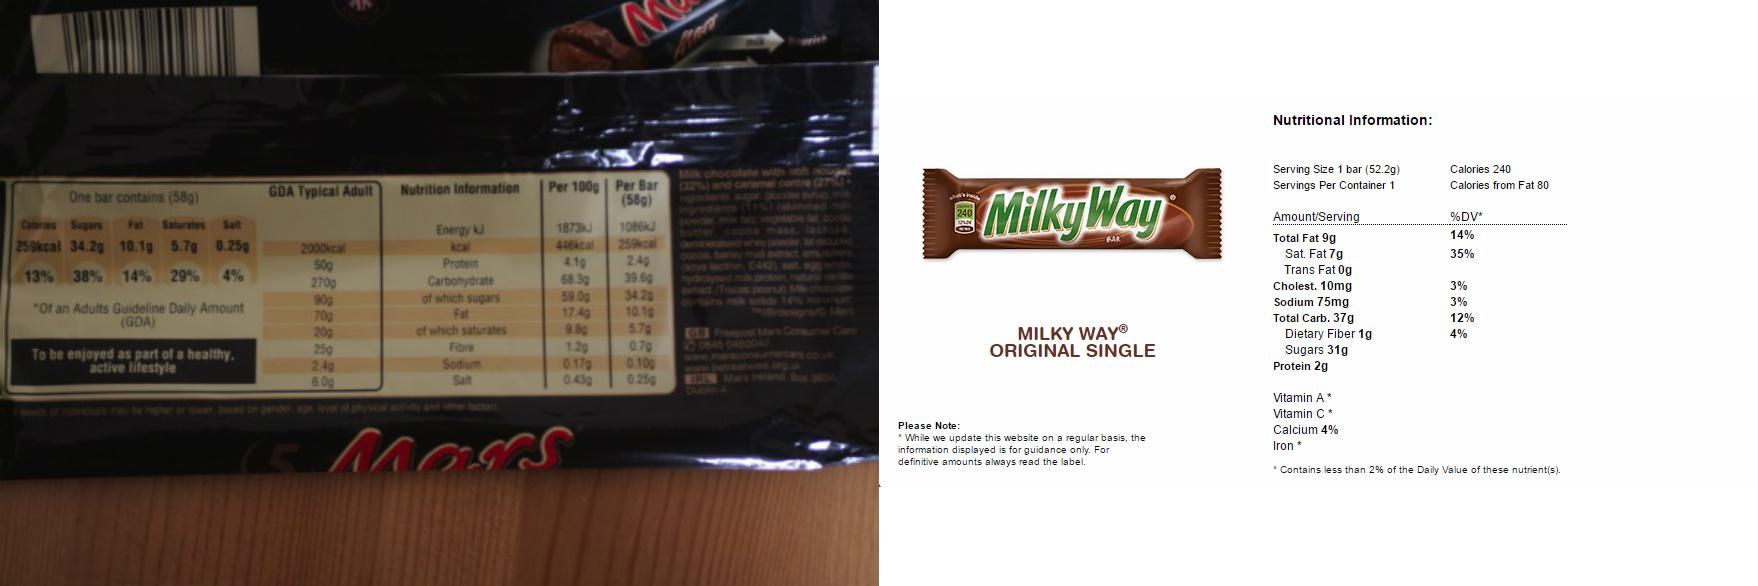 milkwaymarsbar2